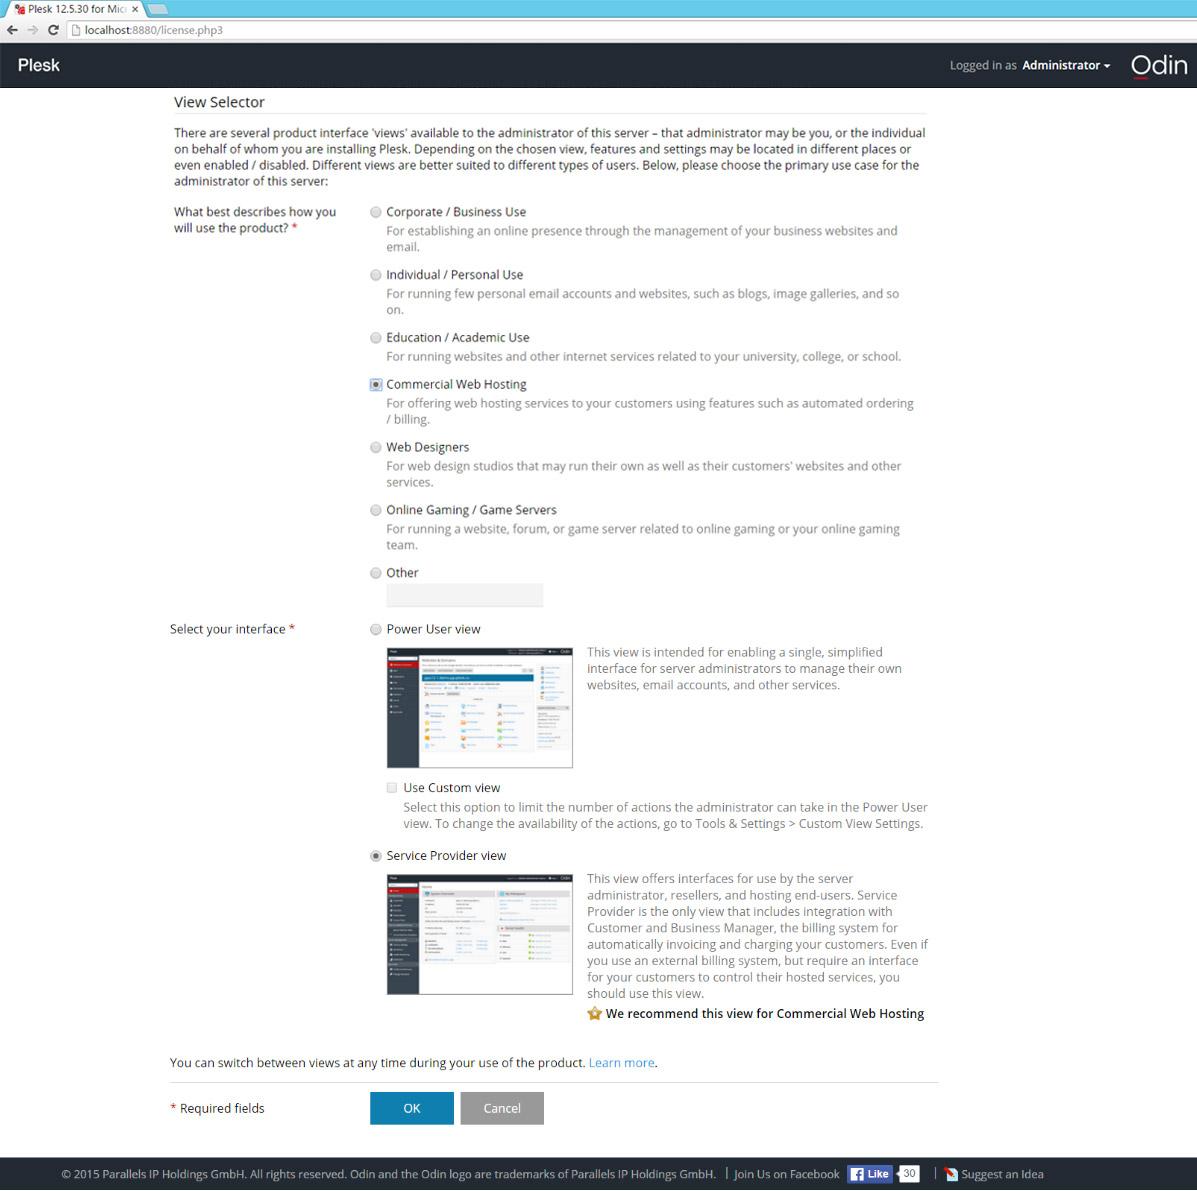 hướng dẫn bạn cài đặt Parallels Plesk (Plesk control panel)